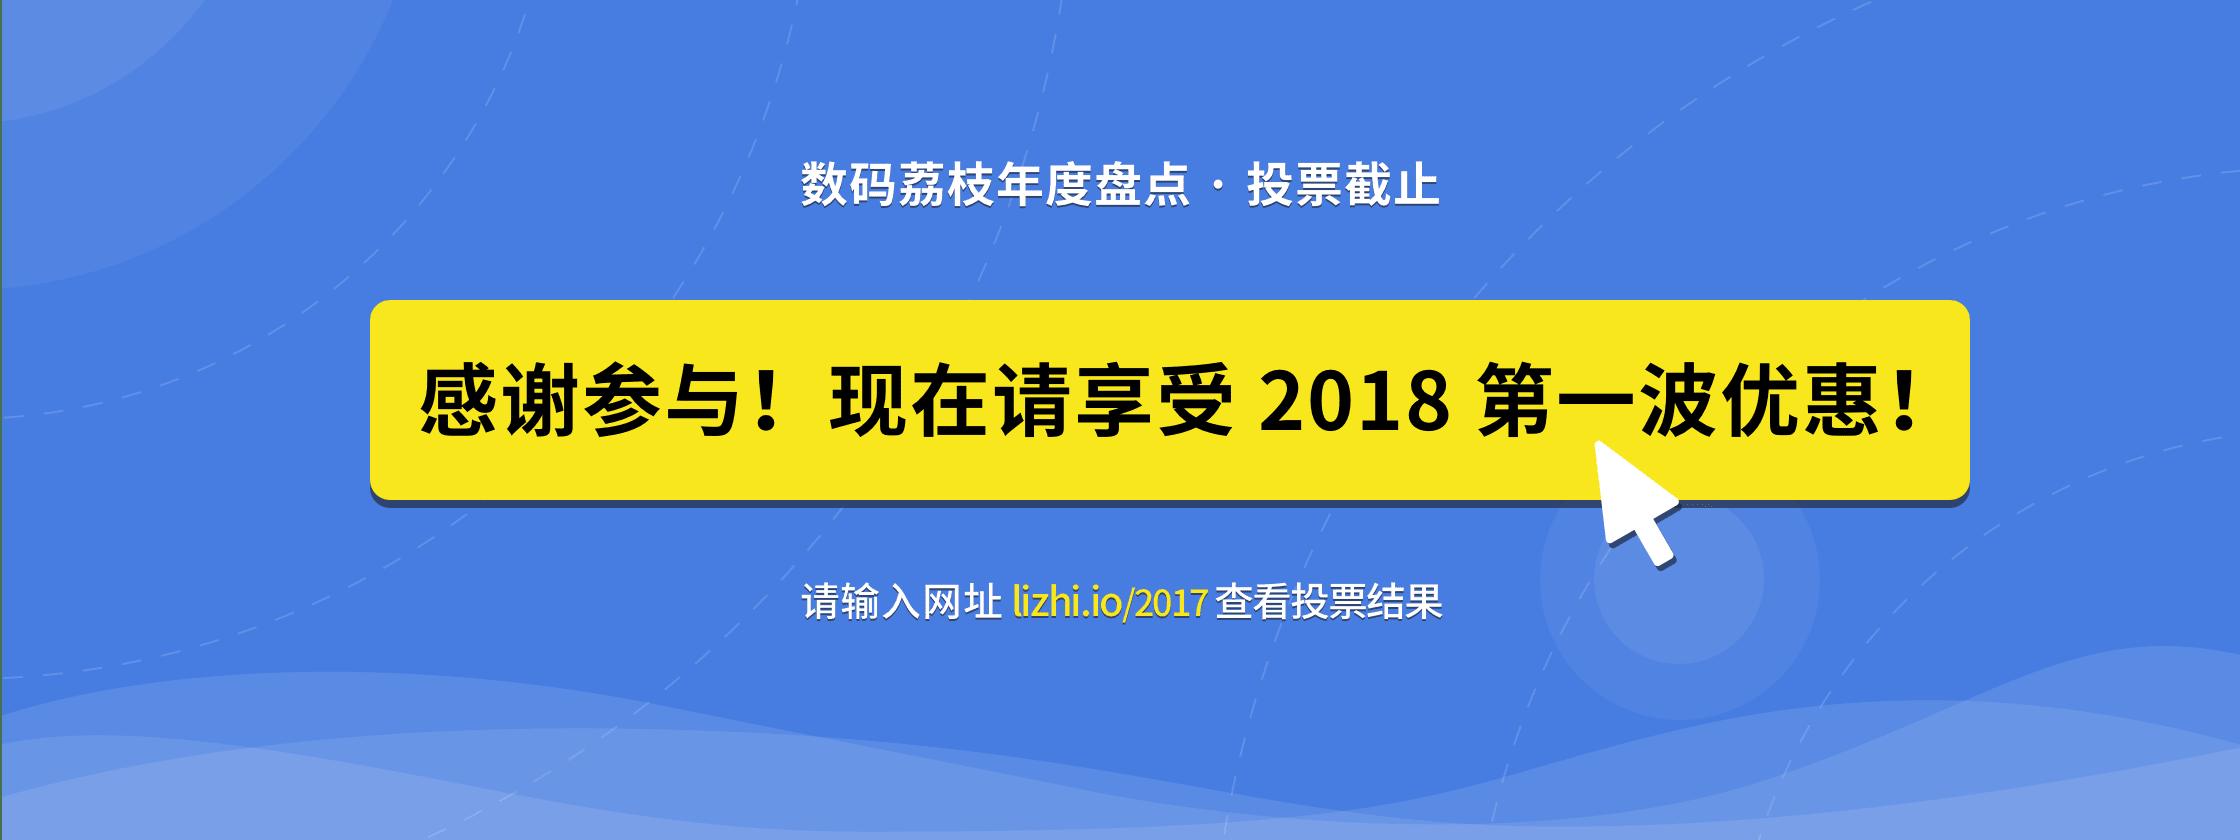 感谢参与投票活动     来数码荔枝享受 2018 首次优惠吧!